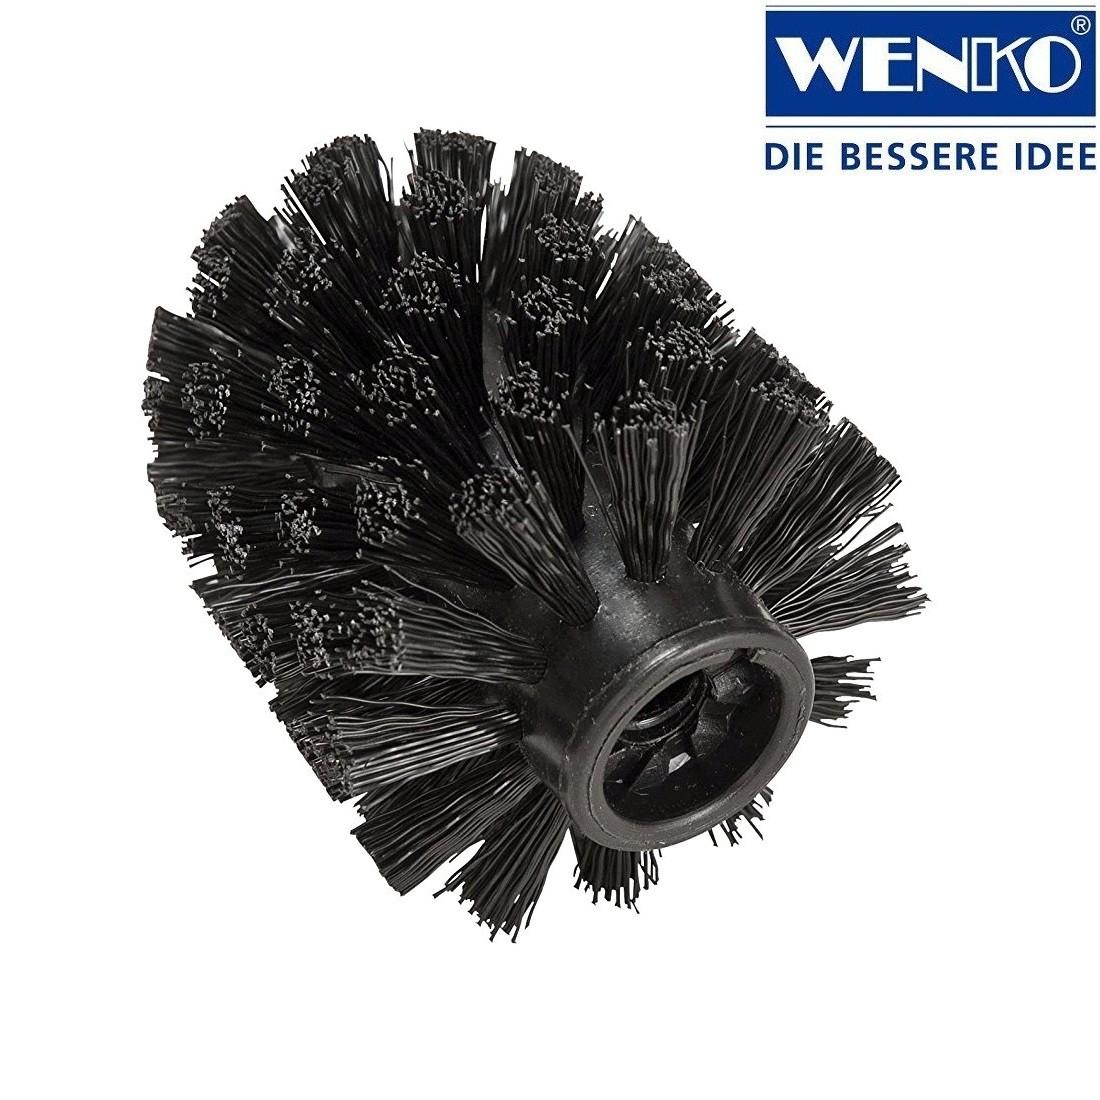 wenko wc b rstenkopf ersatzb rste kunststoff 7 5 cm schwarz heim garten badzubeh r. Black Bedroom Furniture Sets. Home Design Ideas